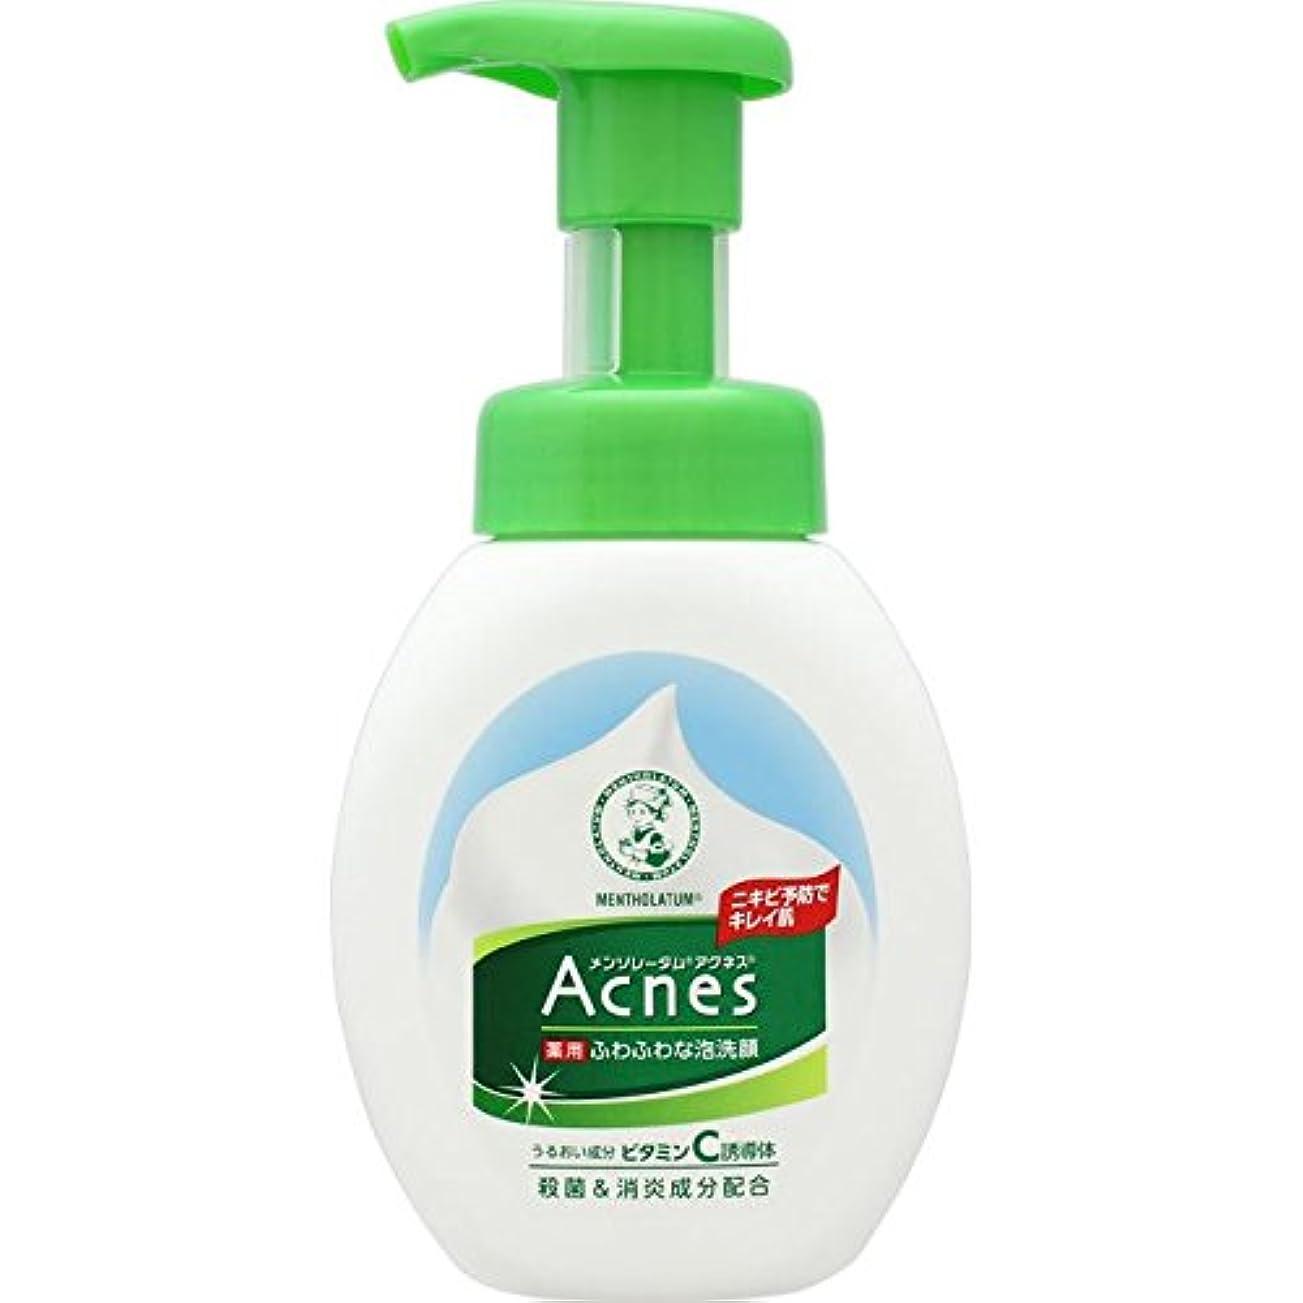 肩をすくめる削る継承Acnes(アクネス) 薬用ふわふわな泡洗顔 160mL【医薬部外品】